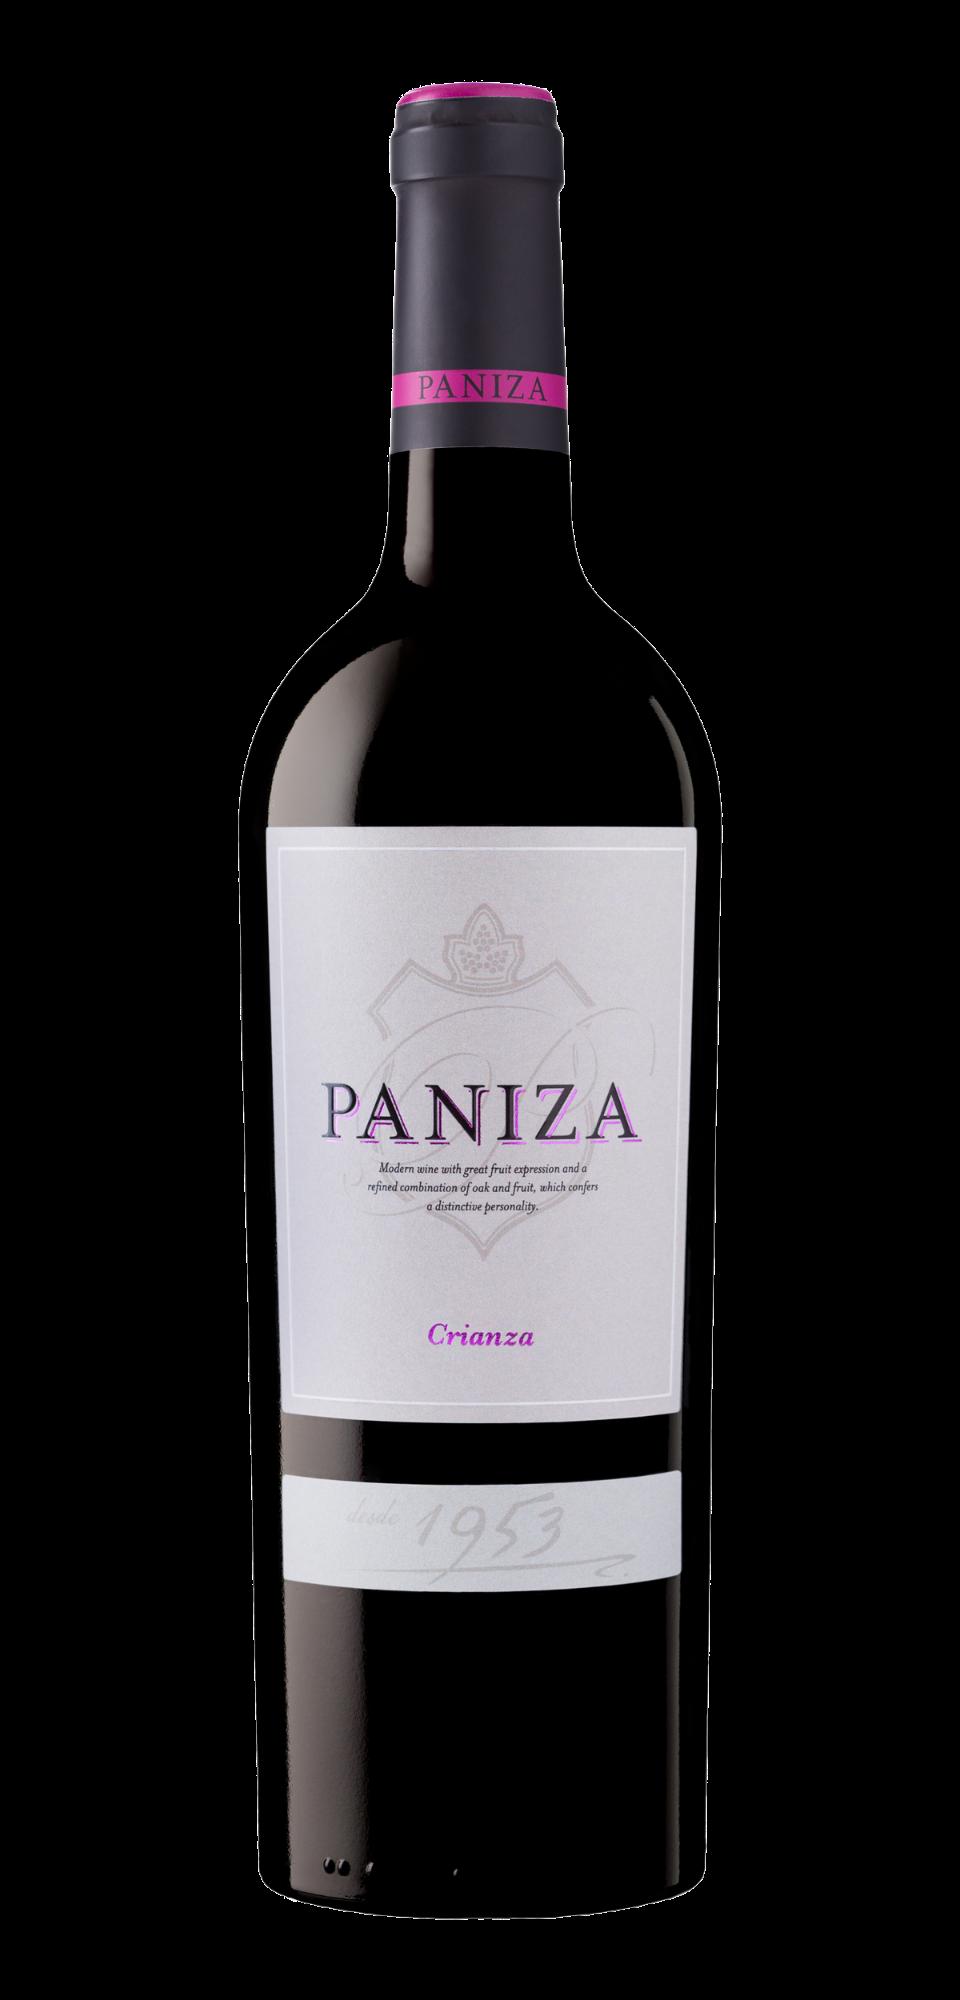 Raudonasis sausas rūšinis vynas PANIZA CRIANZA pagamintas Karinjenos regionas, Ispanijoje